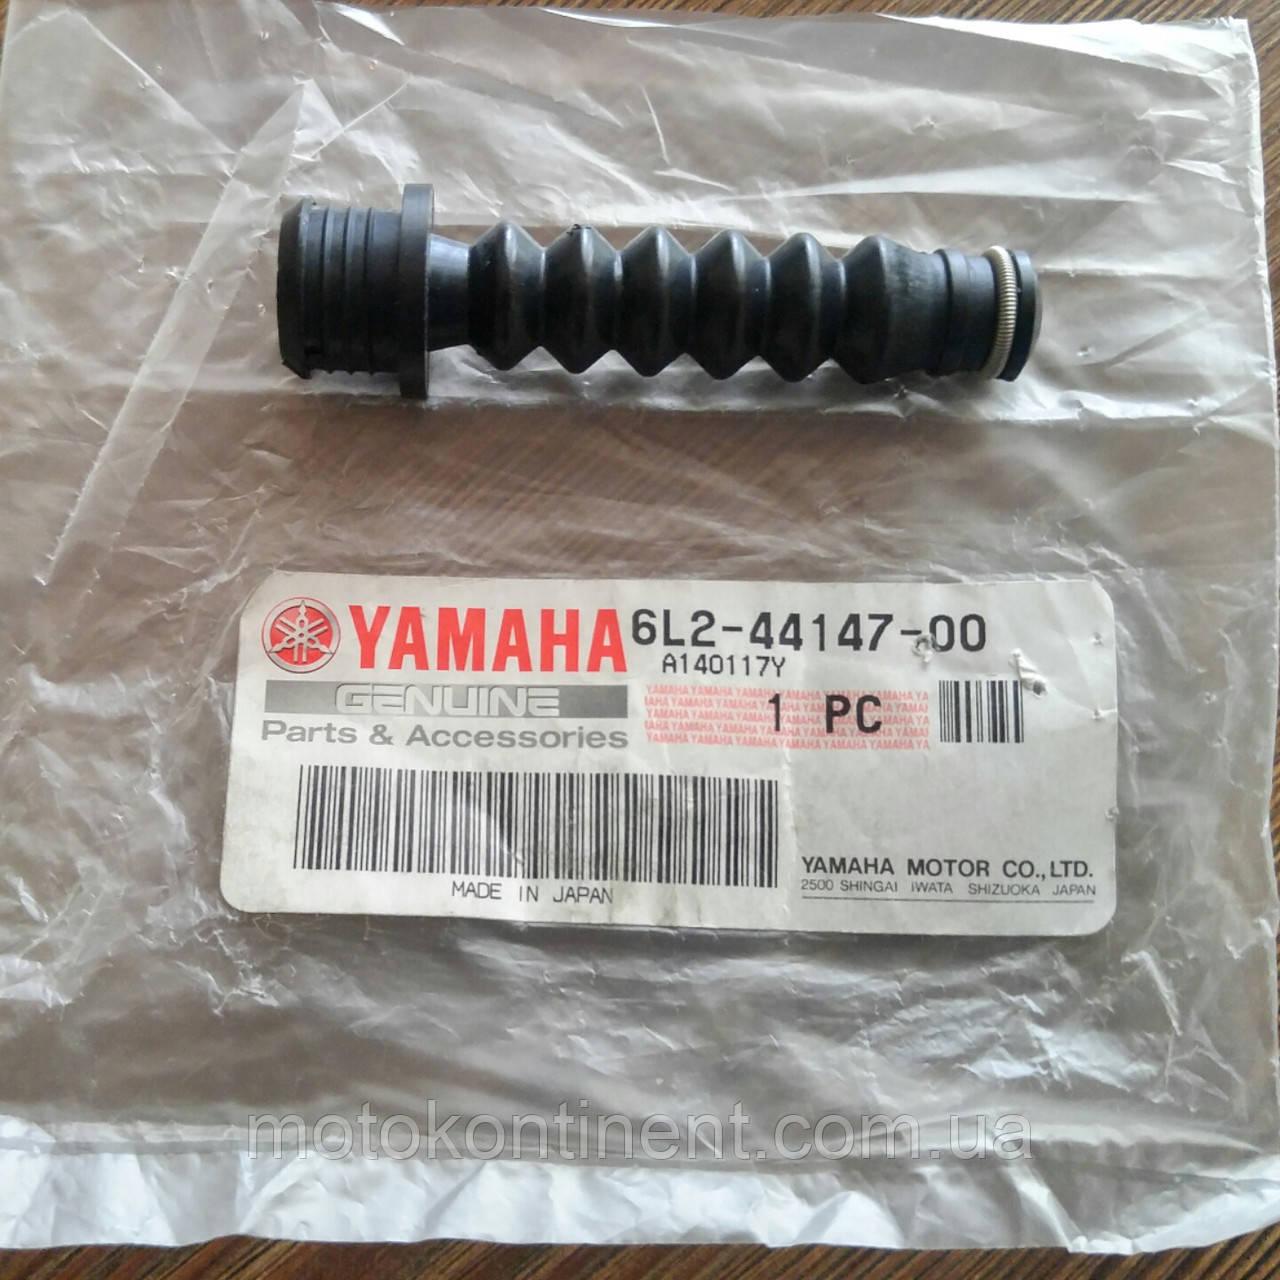 6L2-44147-00 Гофра тяги переключения передач Yamaha F4/ F5/ F6/ 3 (Malta)/20D/25N